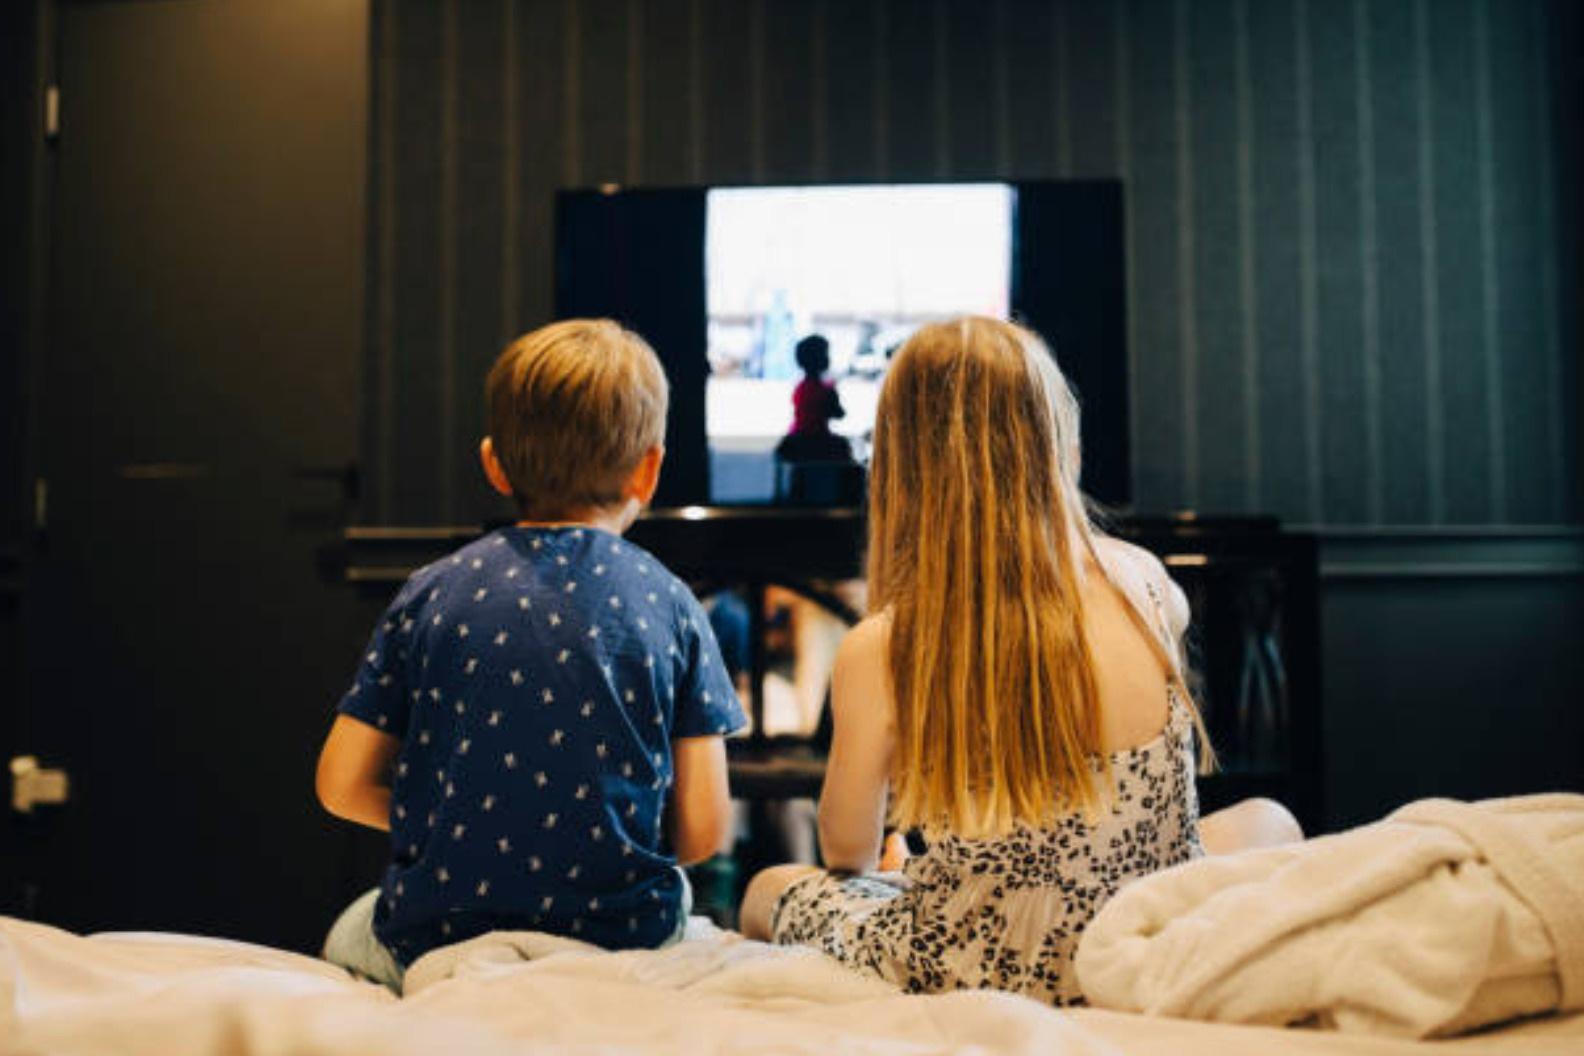 6 điều phải làm nếu muốn con cai điện thoại, tivi khi nghỉ hè - 1